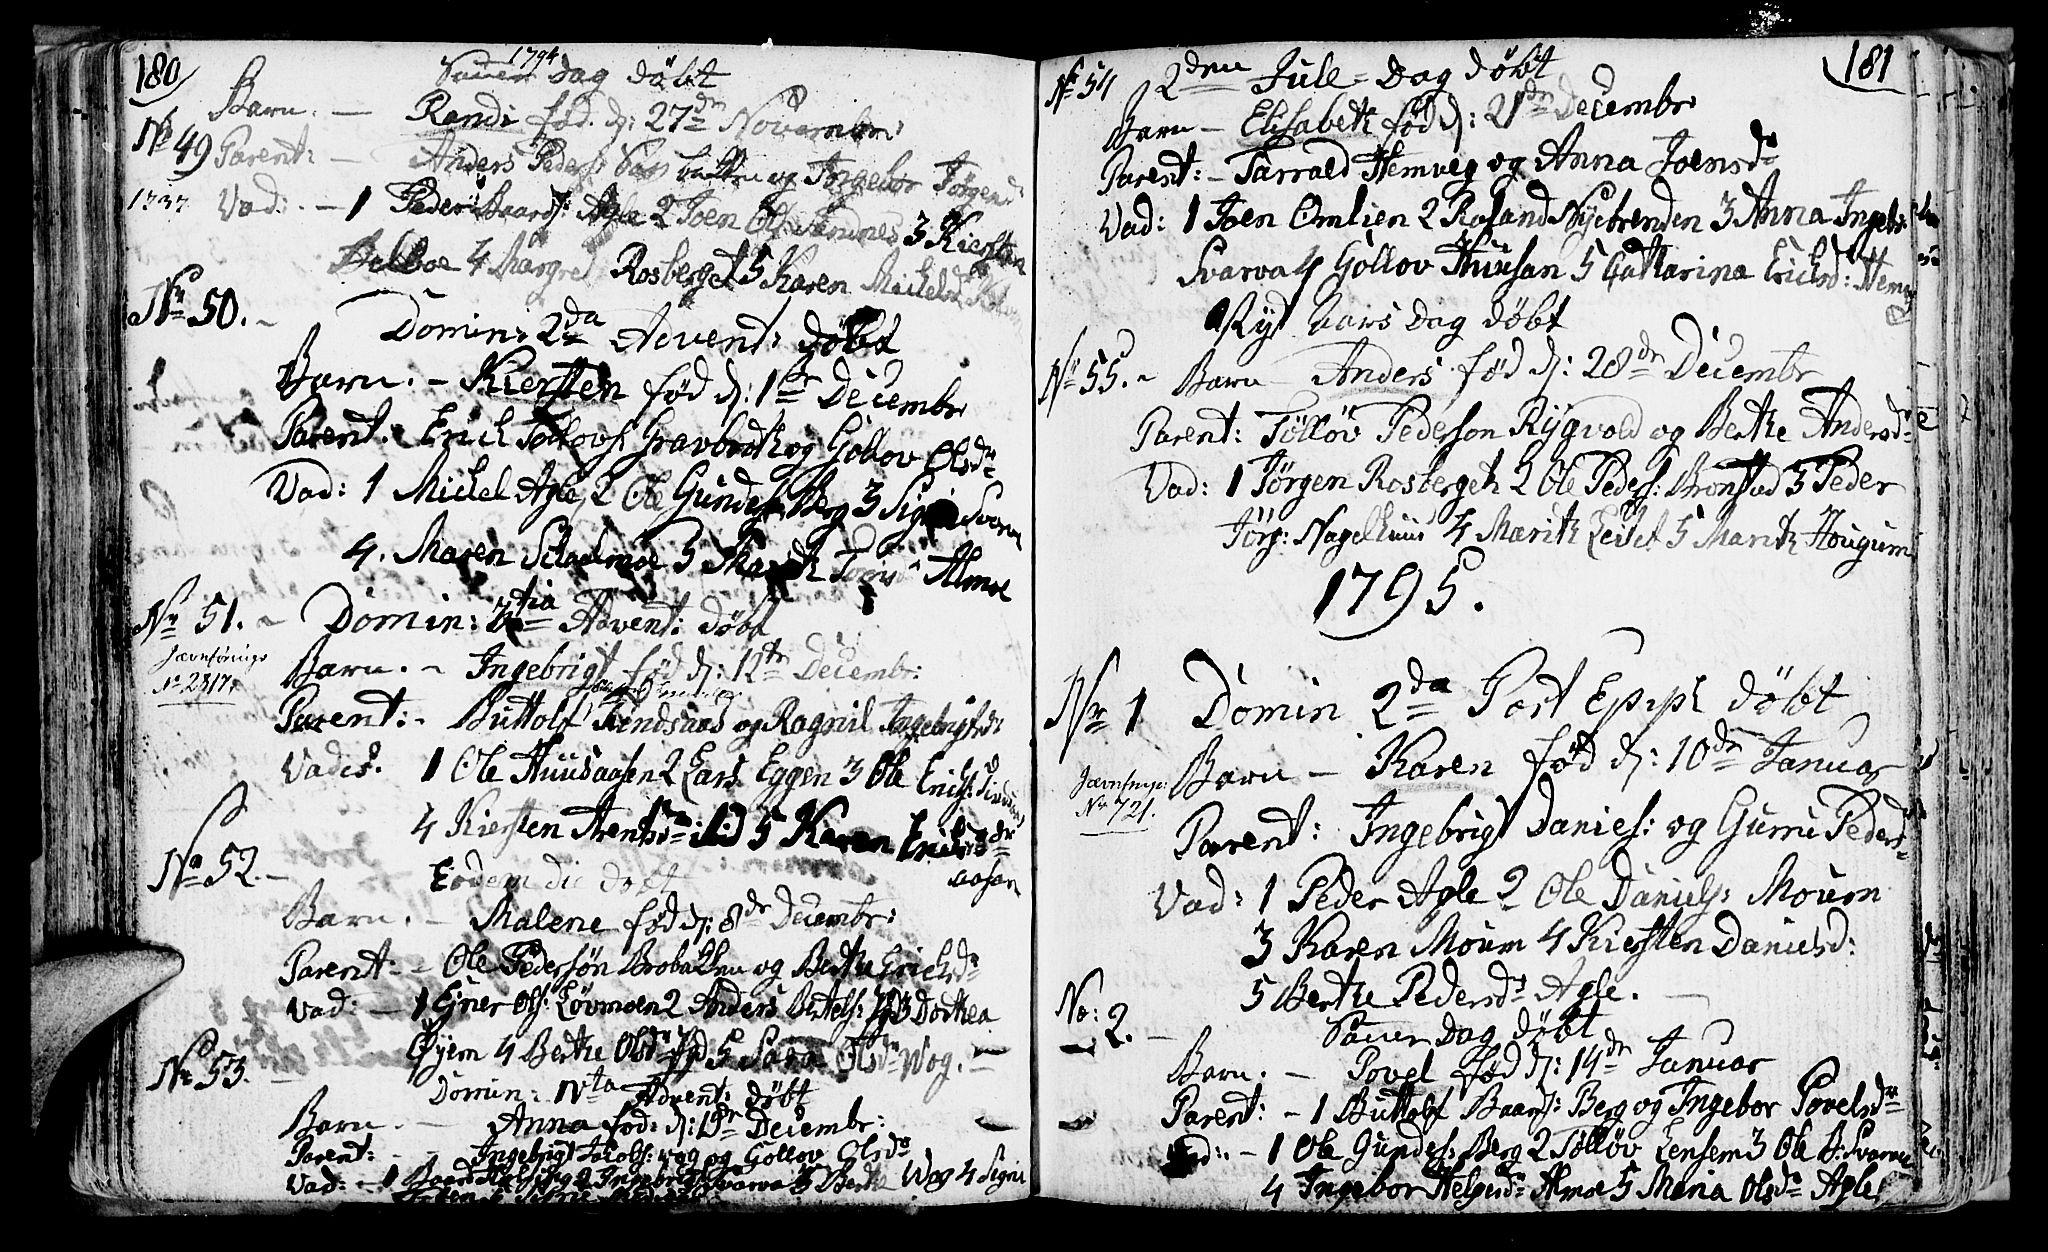 SAT, Ministerialprotokoller, klokkerbøker og fødselsregistre - Nord-Trøndelag, 749/L0468: Ministerialbok nr. 749A02, 1787-1817, s. 180-181